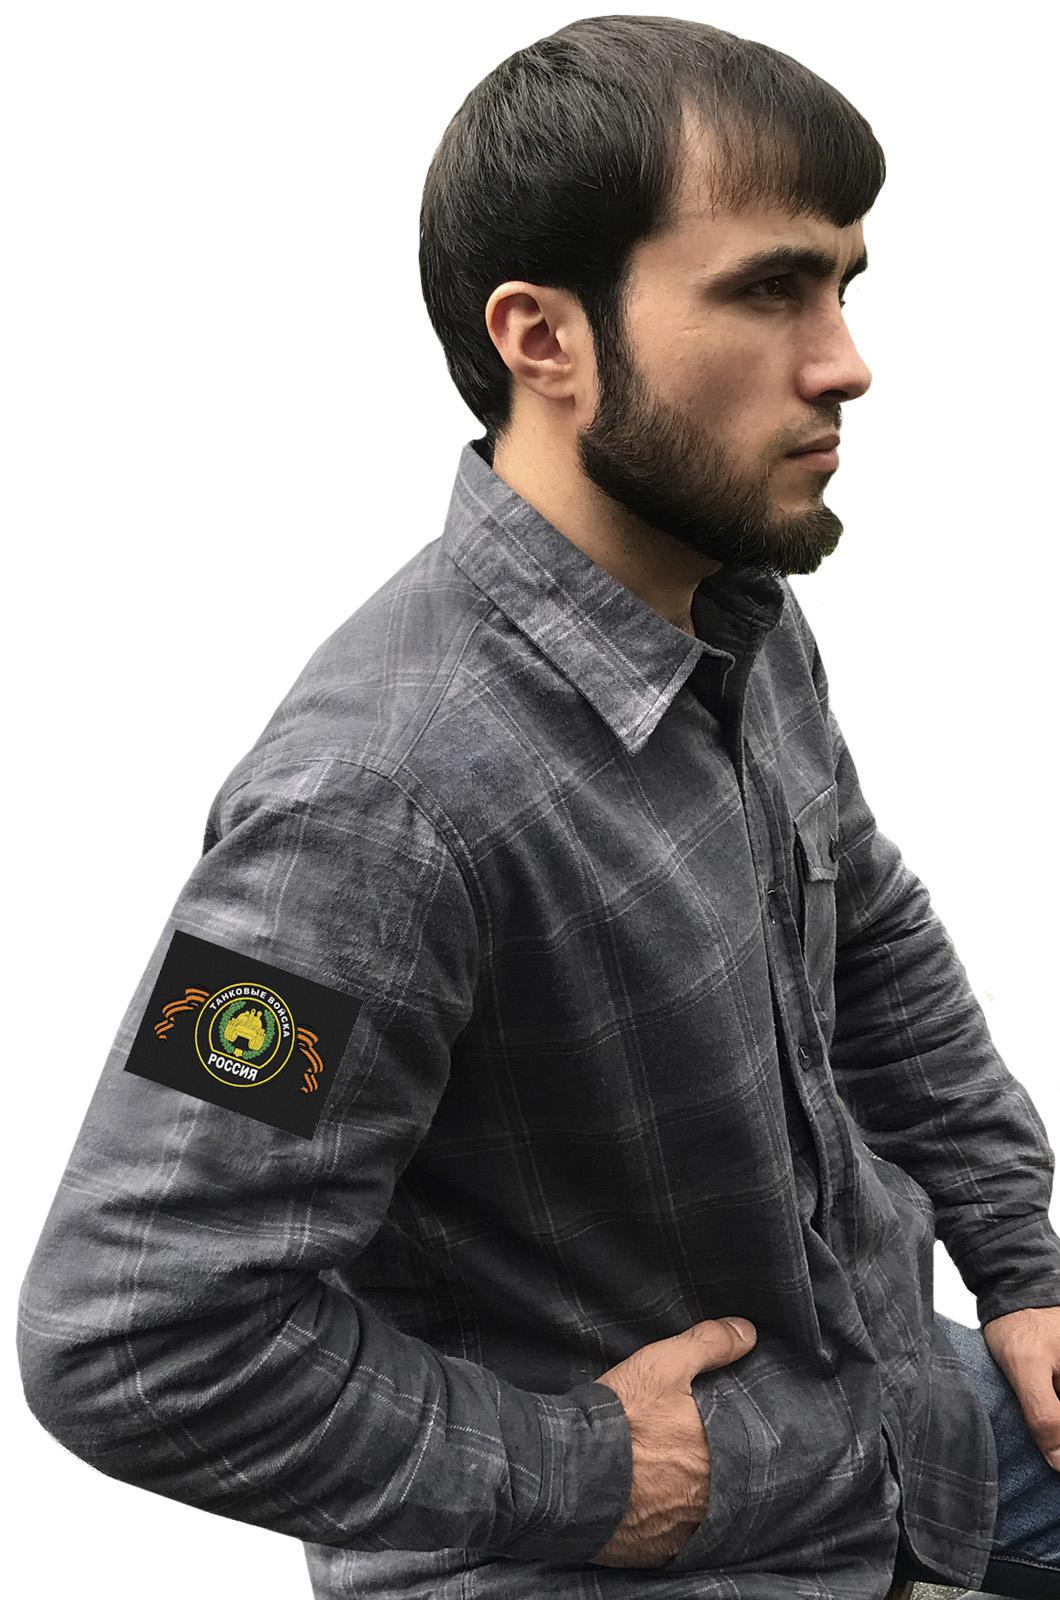 Лаконичная рубашка с вышитой эмблемой Танковые Войска - купить оптом